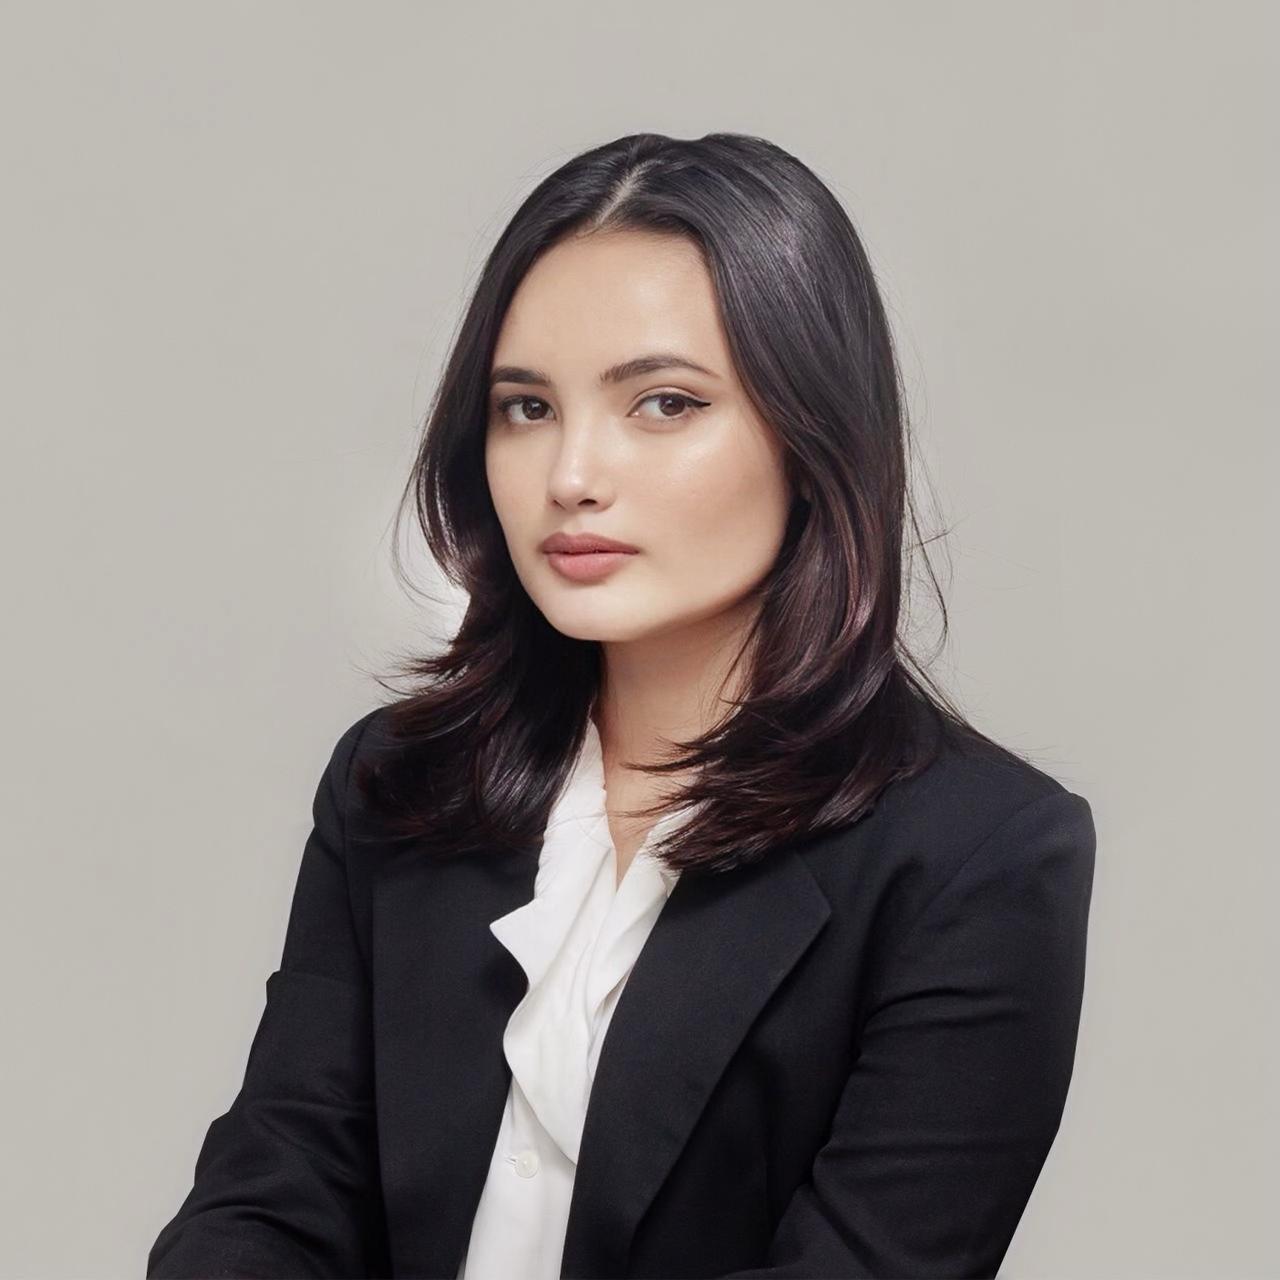 Carolina Maulidia